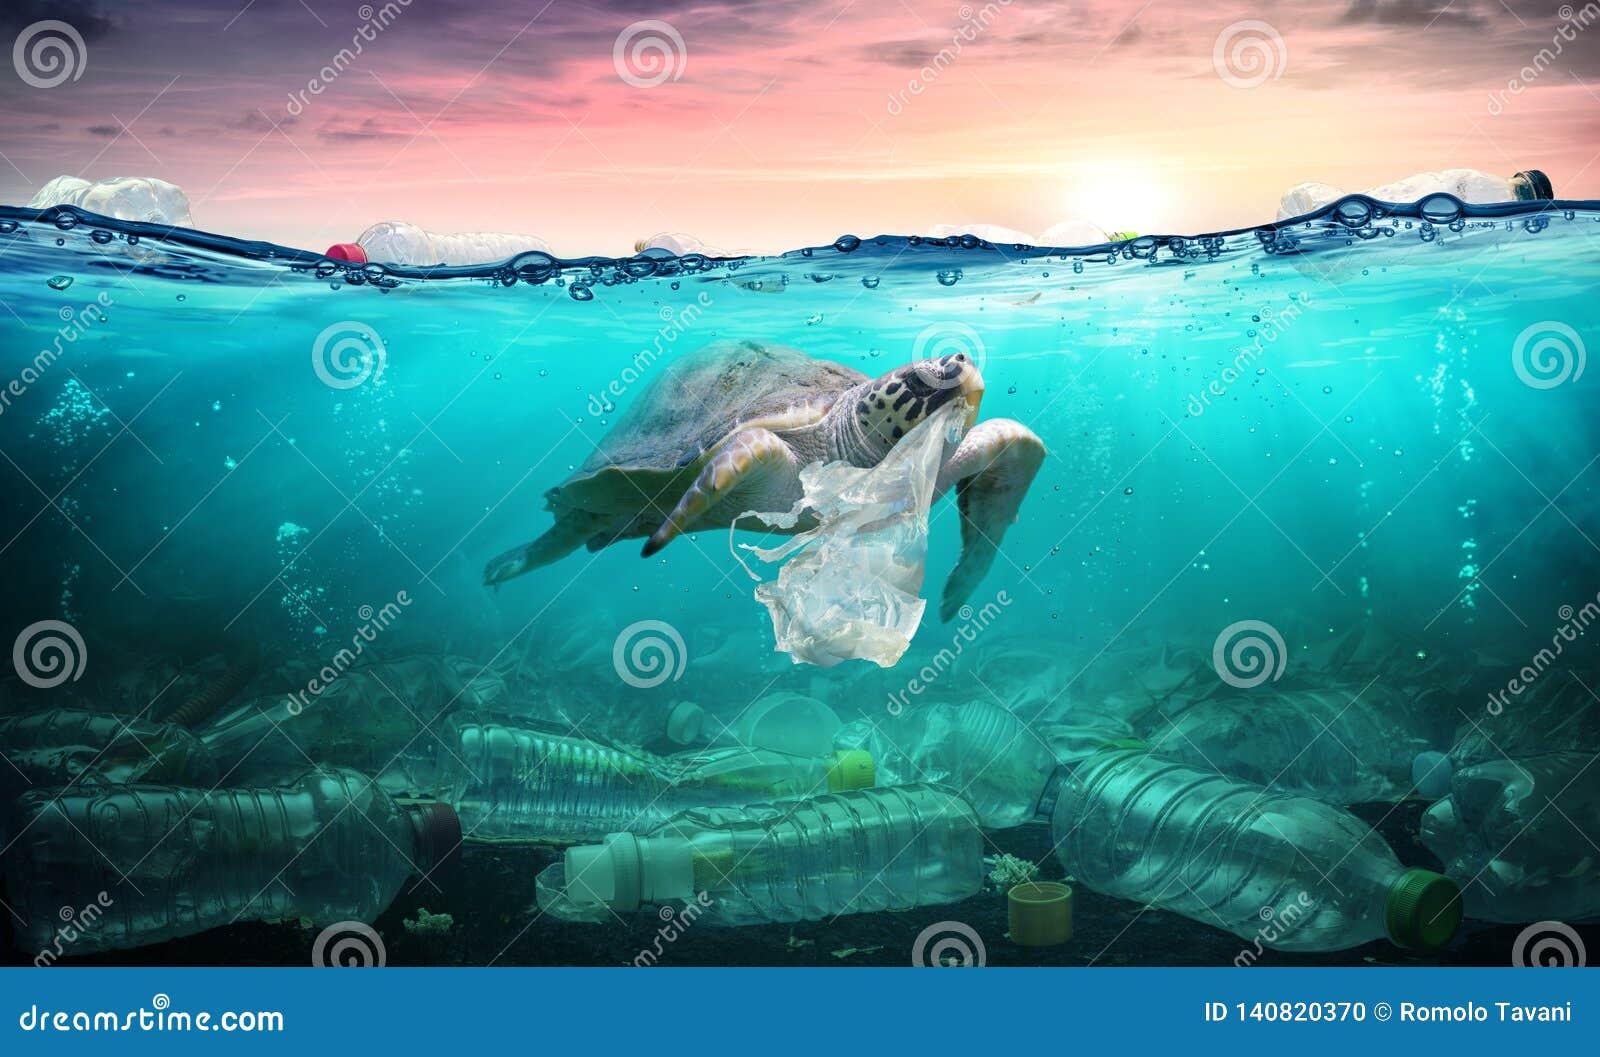 Пластиковое загрязнение в океане - черепаха ест полиэтиленовый пакет